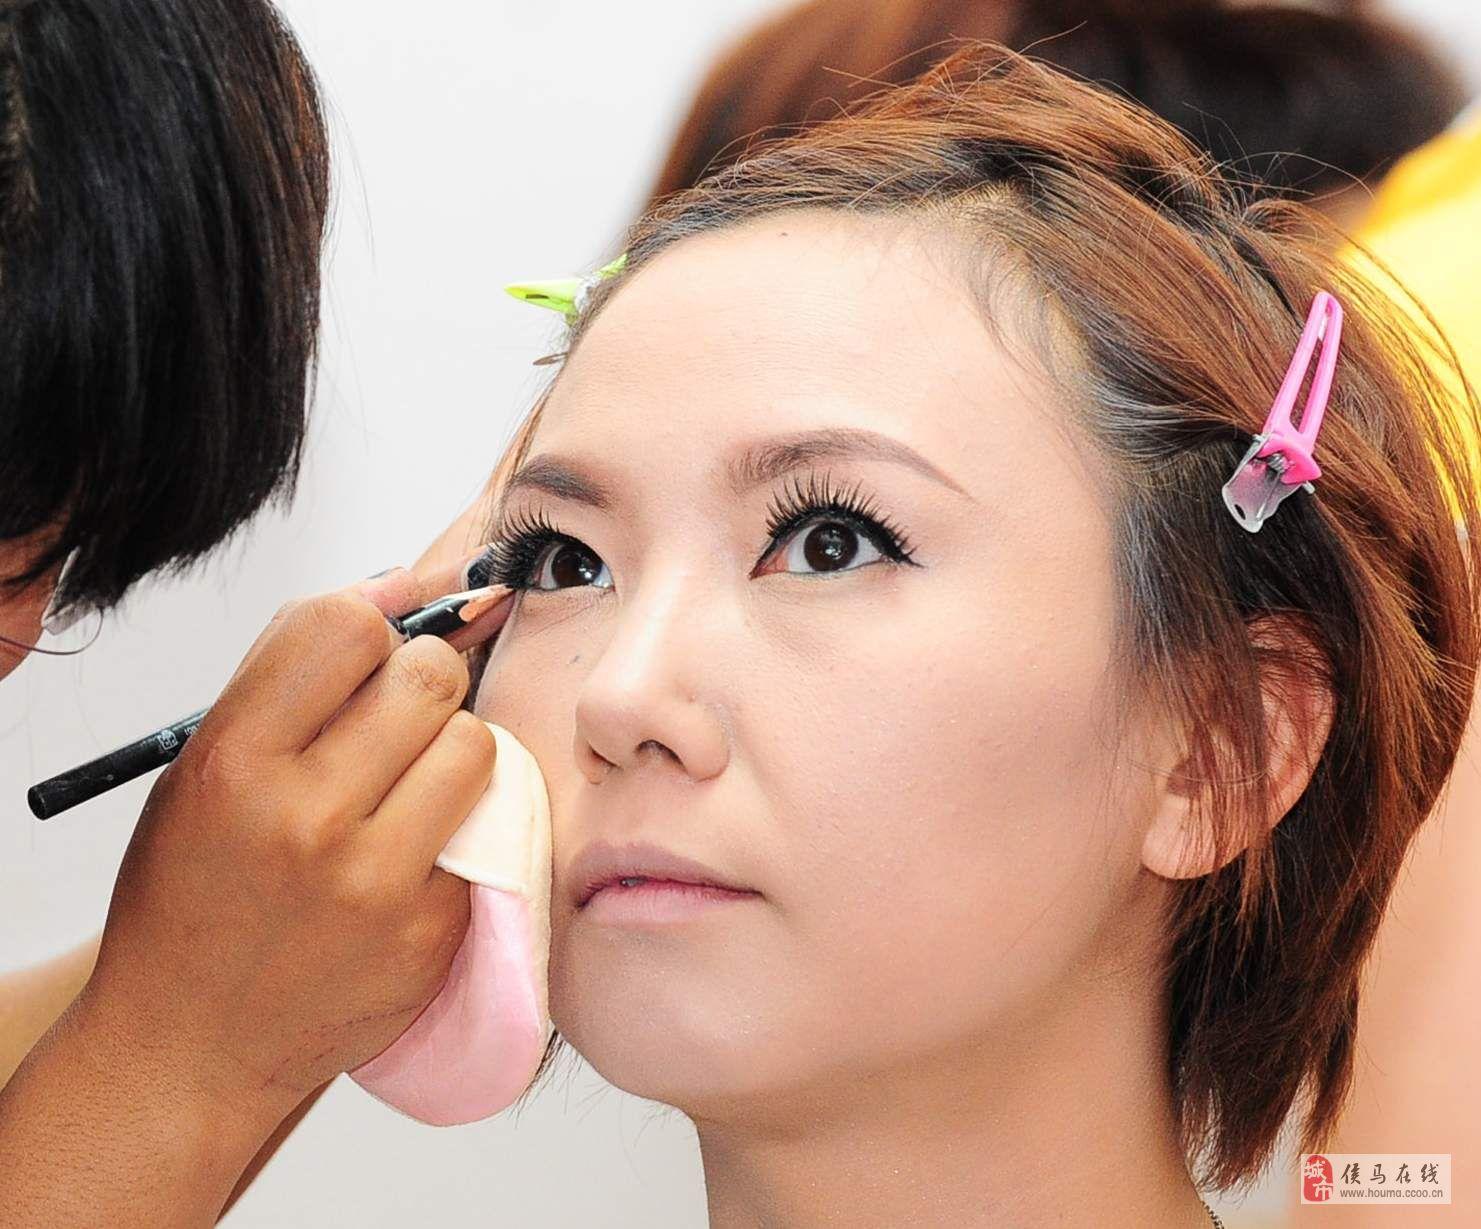 想學化妝去哪里−−太原唇色化妝攝影機構